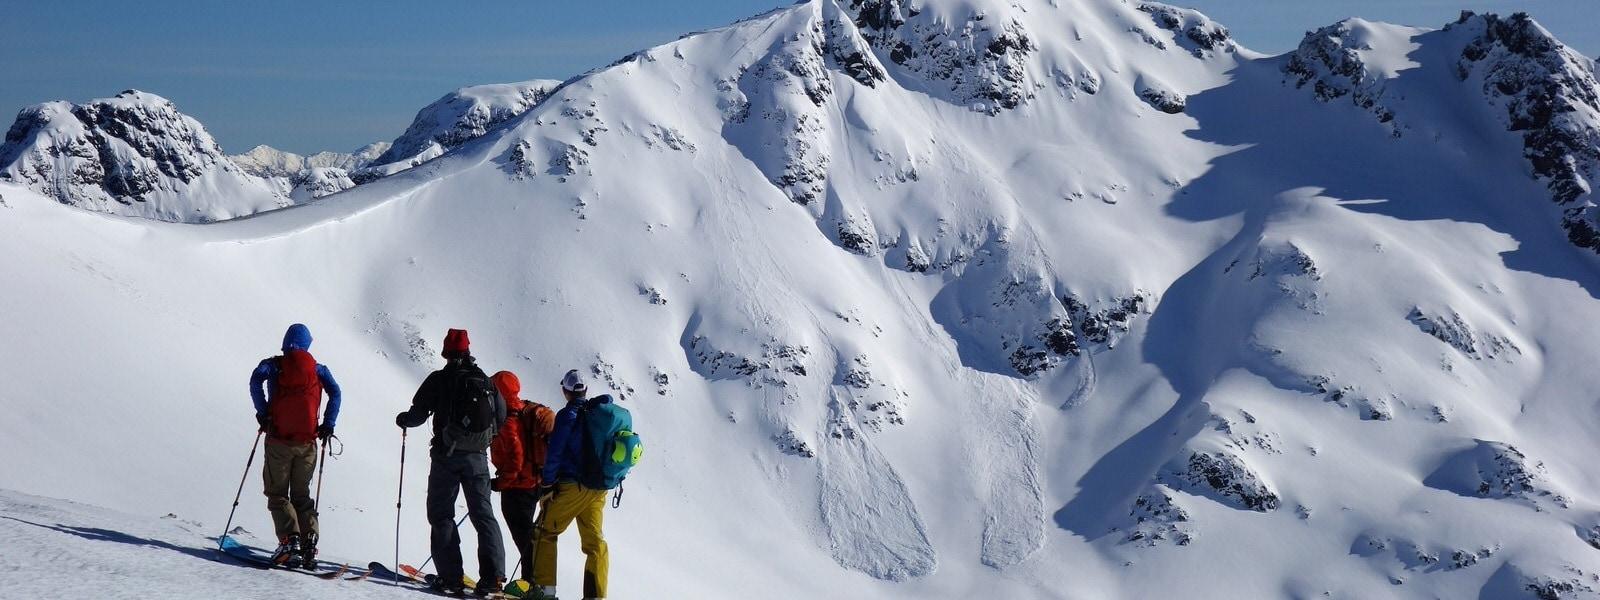 argentina snow adventure tour